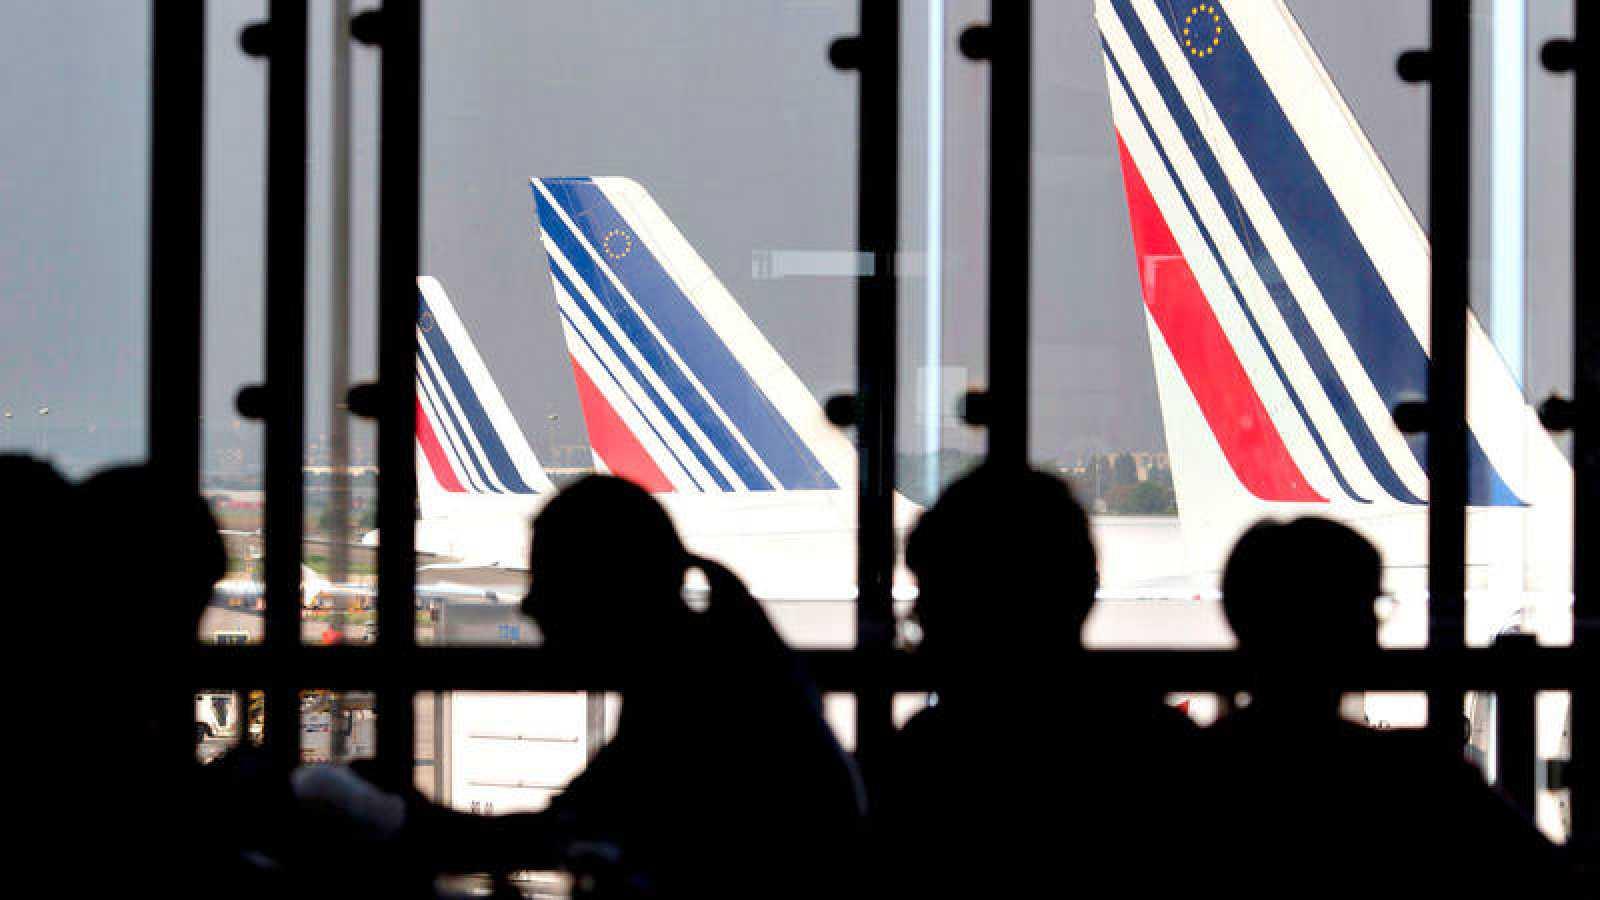 Un fallo técnico amenaza con retrasar la mitad de los vuelos en Europa